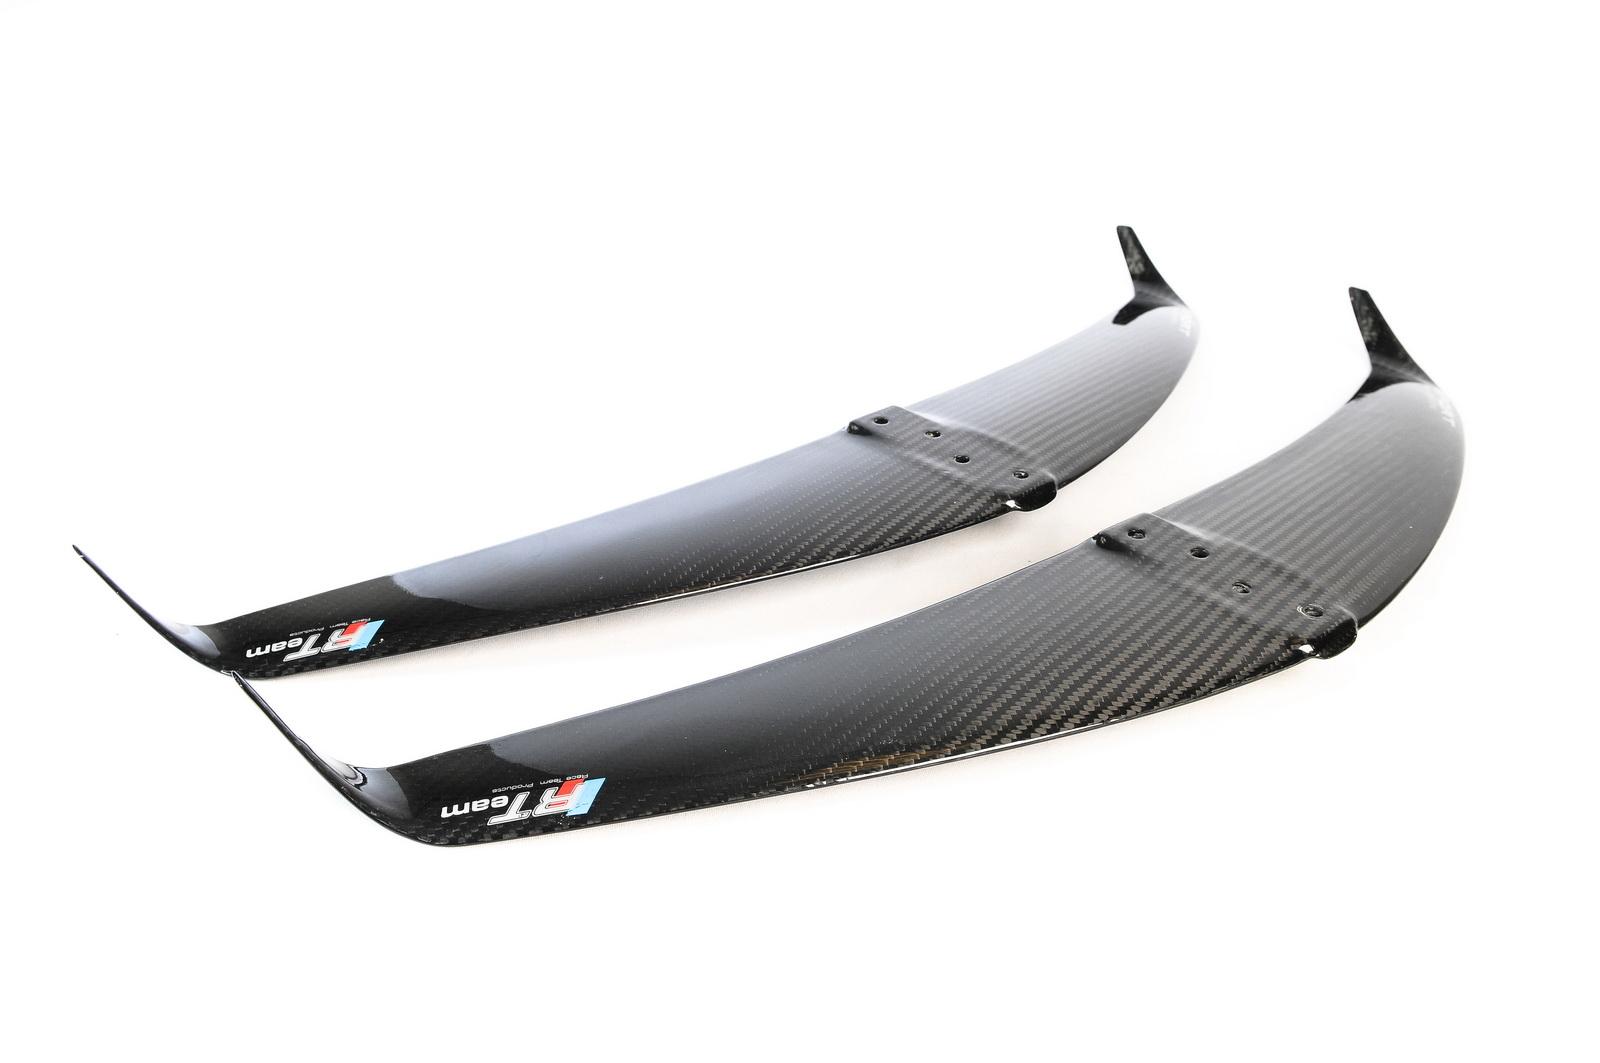 Kitefoil alpinefoil carbon wing rteam 10